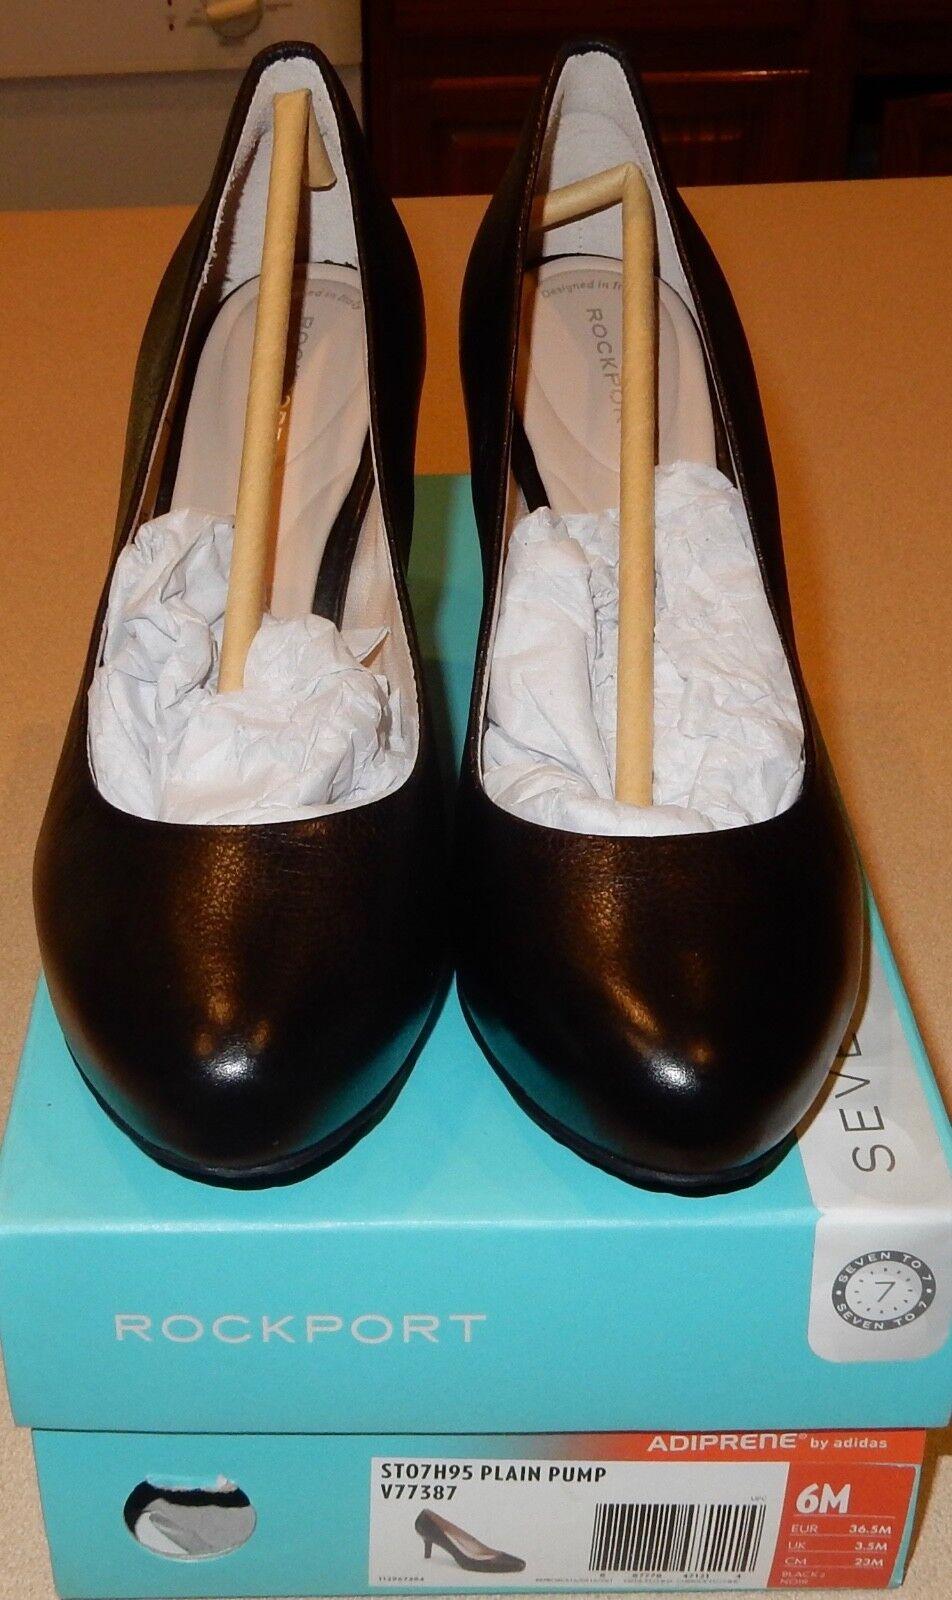 vendita economica Rockport Rockport Rockport Donna  St07h95 Plain Pump Nice Dimensione 6 6M nero scarpe W Box  trova il tuo preferito qui